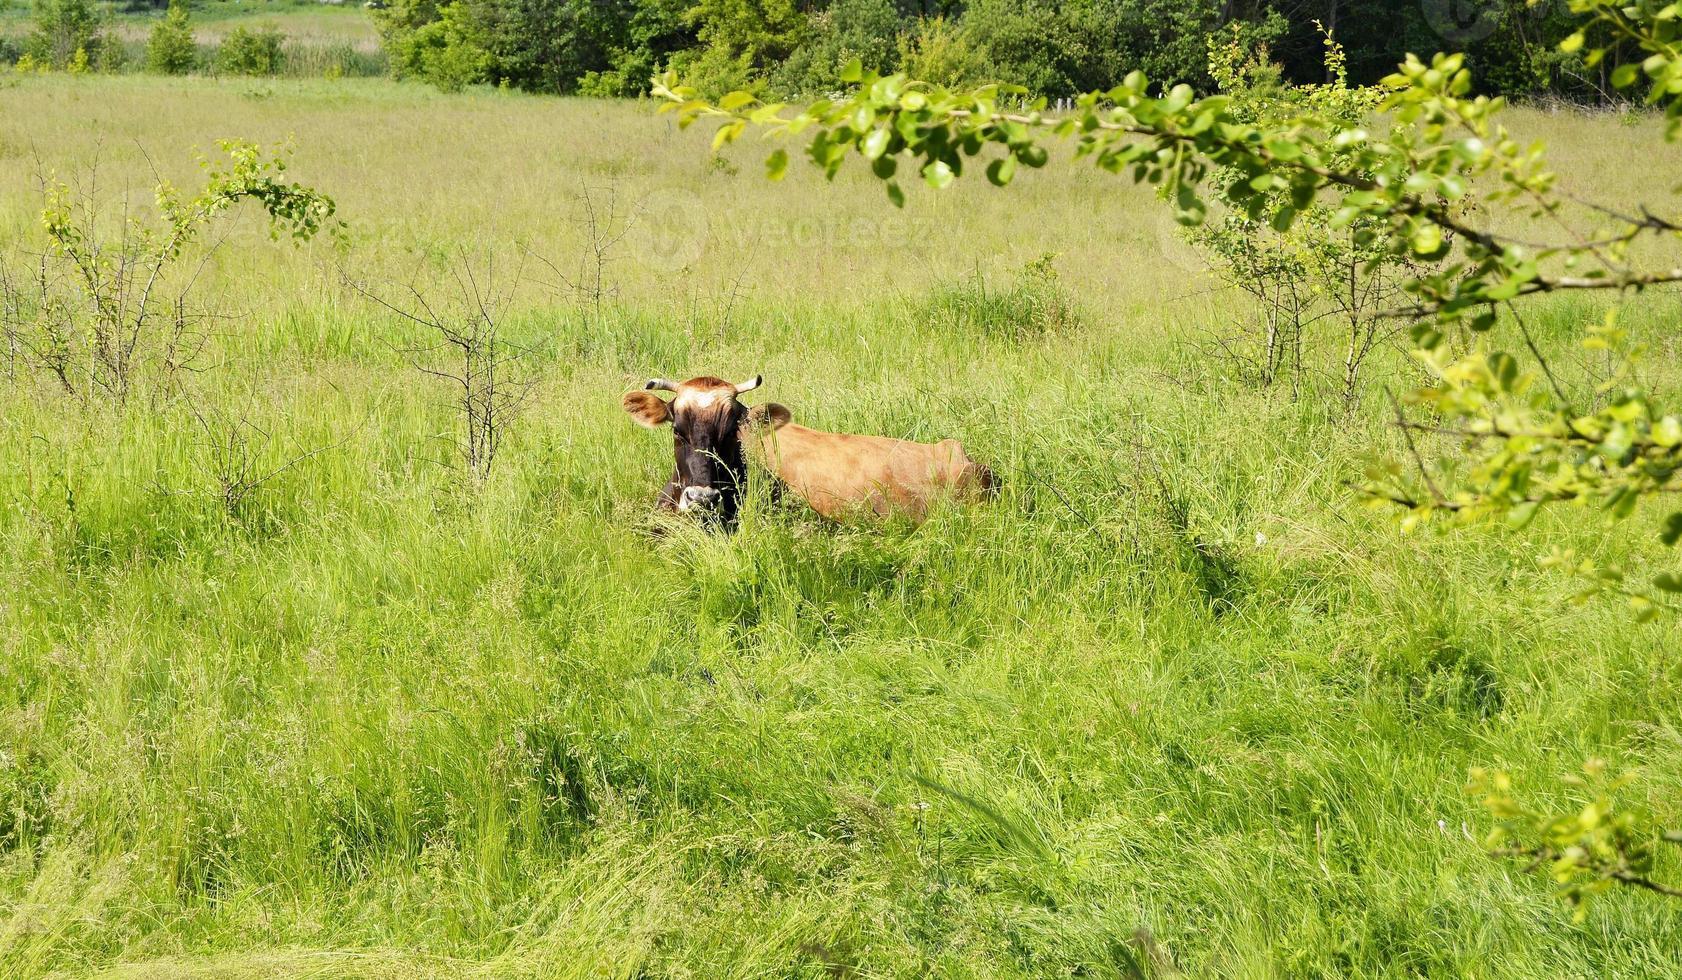 belle grosse vache à lait broute sur un pré vert photo